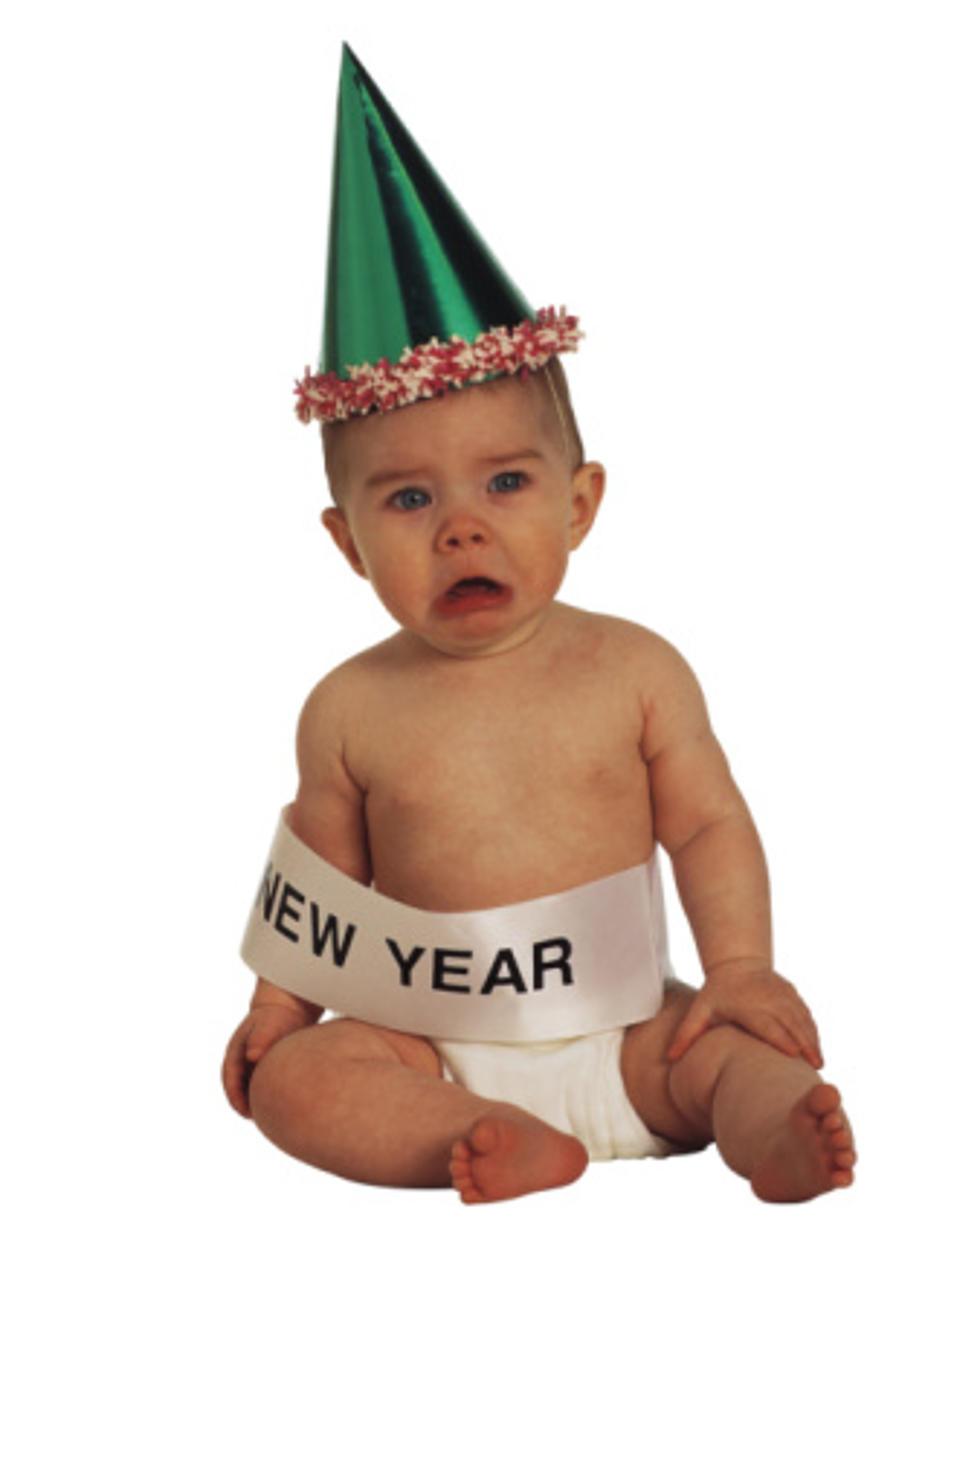 baby-new-year.jpg